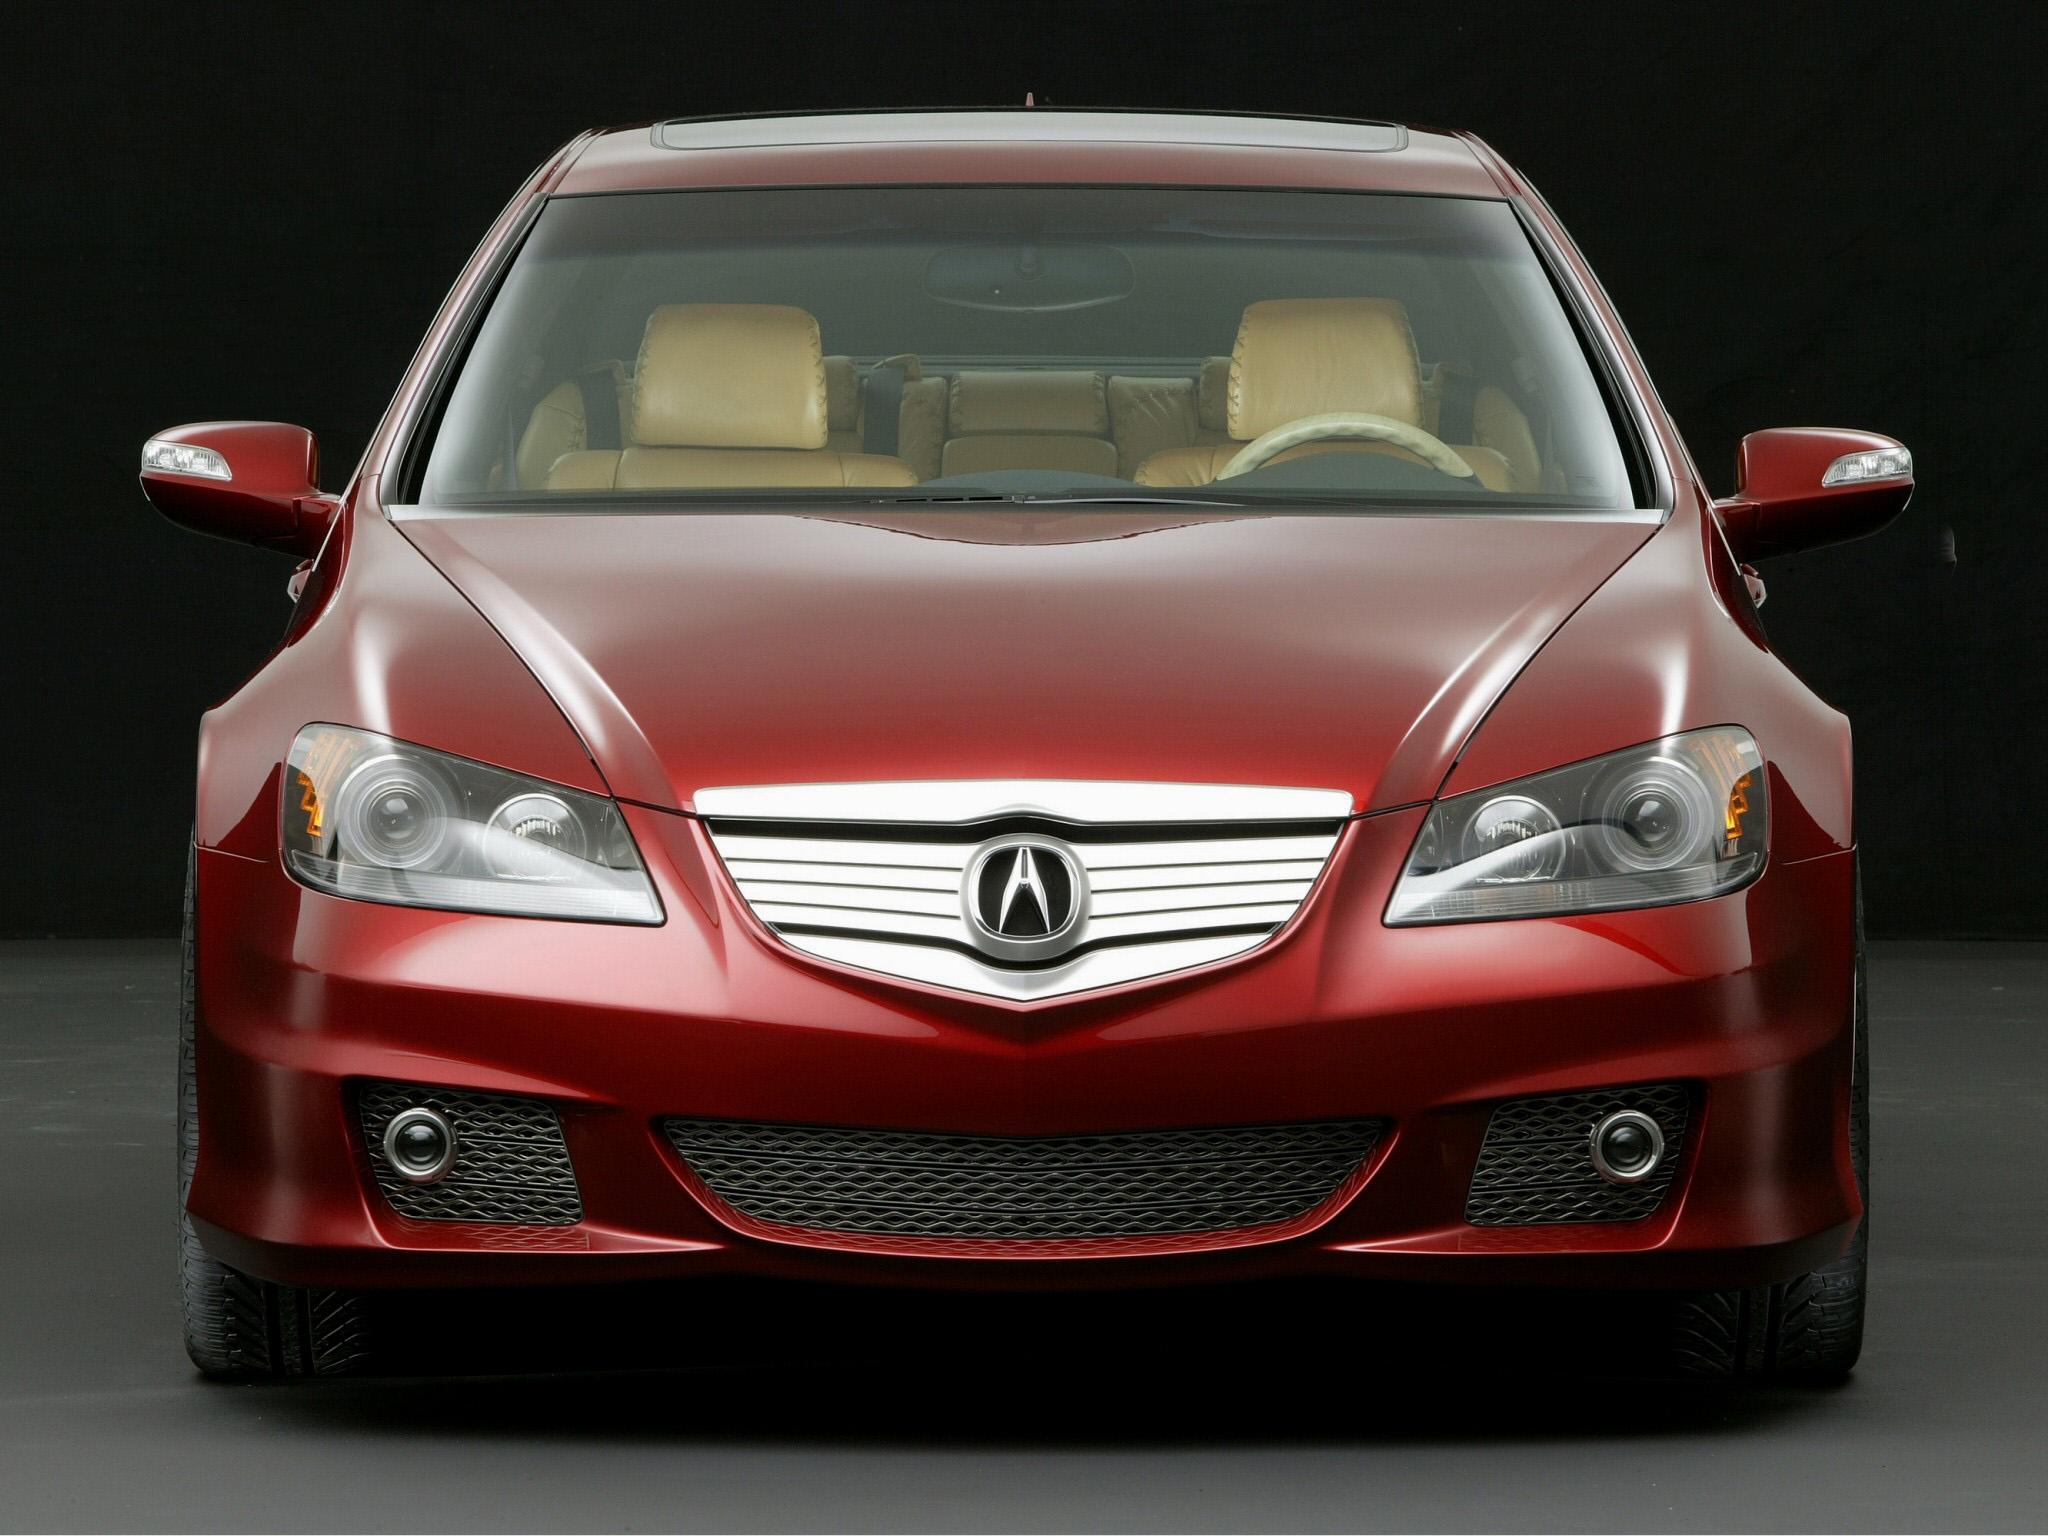 93710 скачать обои Тачки (Cars), Акура (Acura), Rl, Concept, Красный, Вид Спереди, Стиль, Акура, Концепт Кар, Машины - заставки и картинки бесплатно